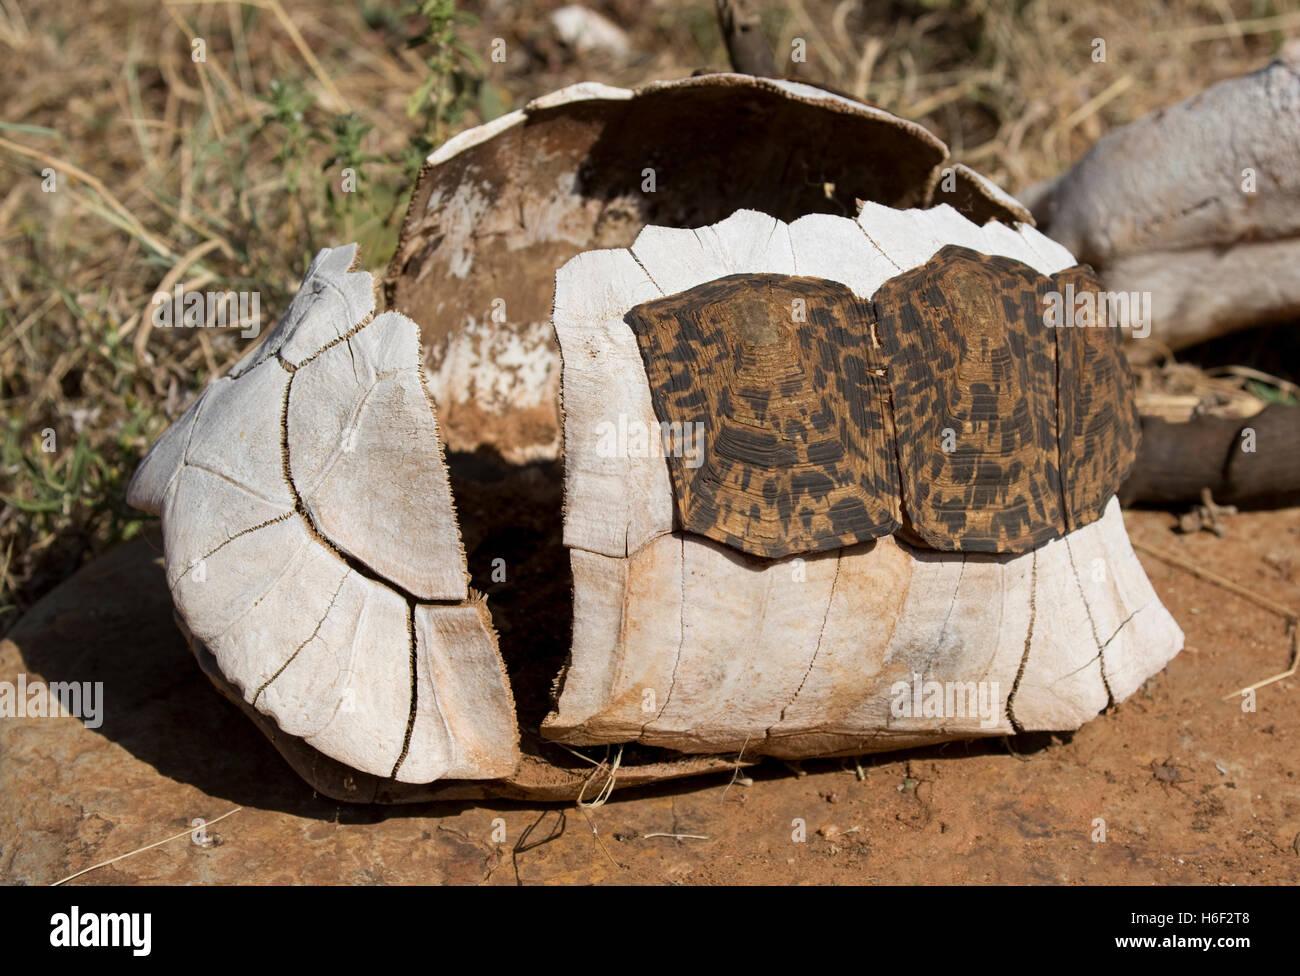 Bony carapace of tortoise shell with some keratin scutes remaining Laikipa Kenya - Stock Image